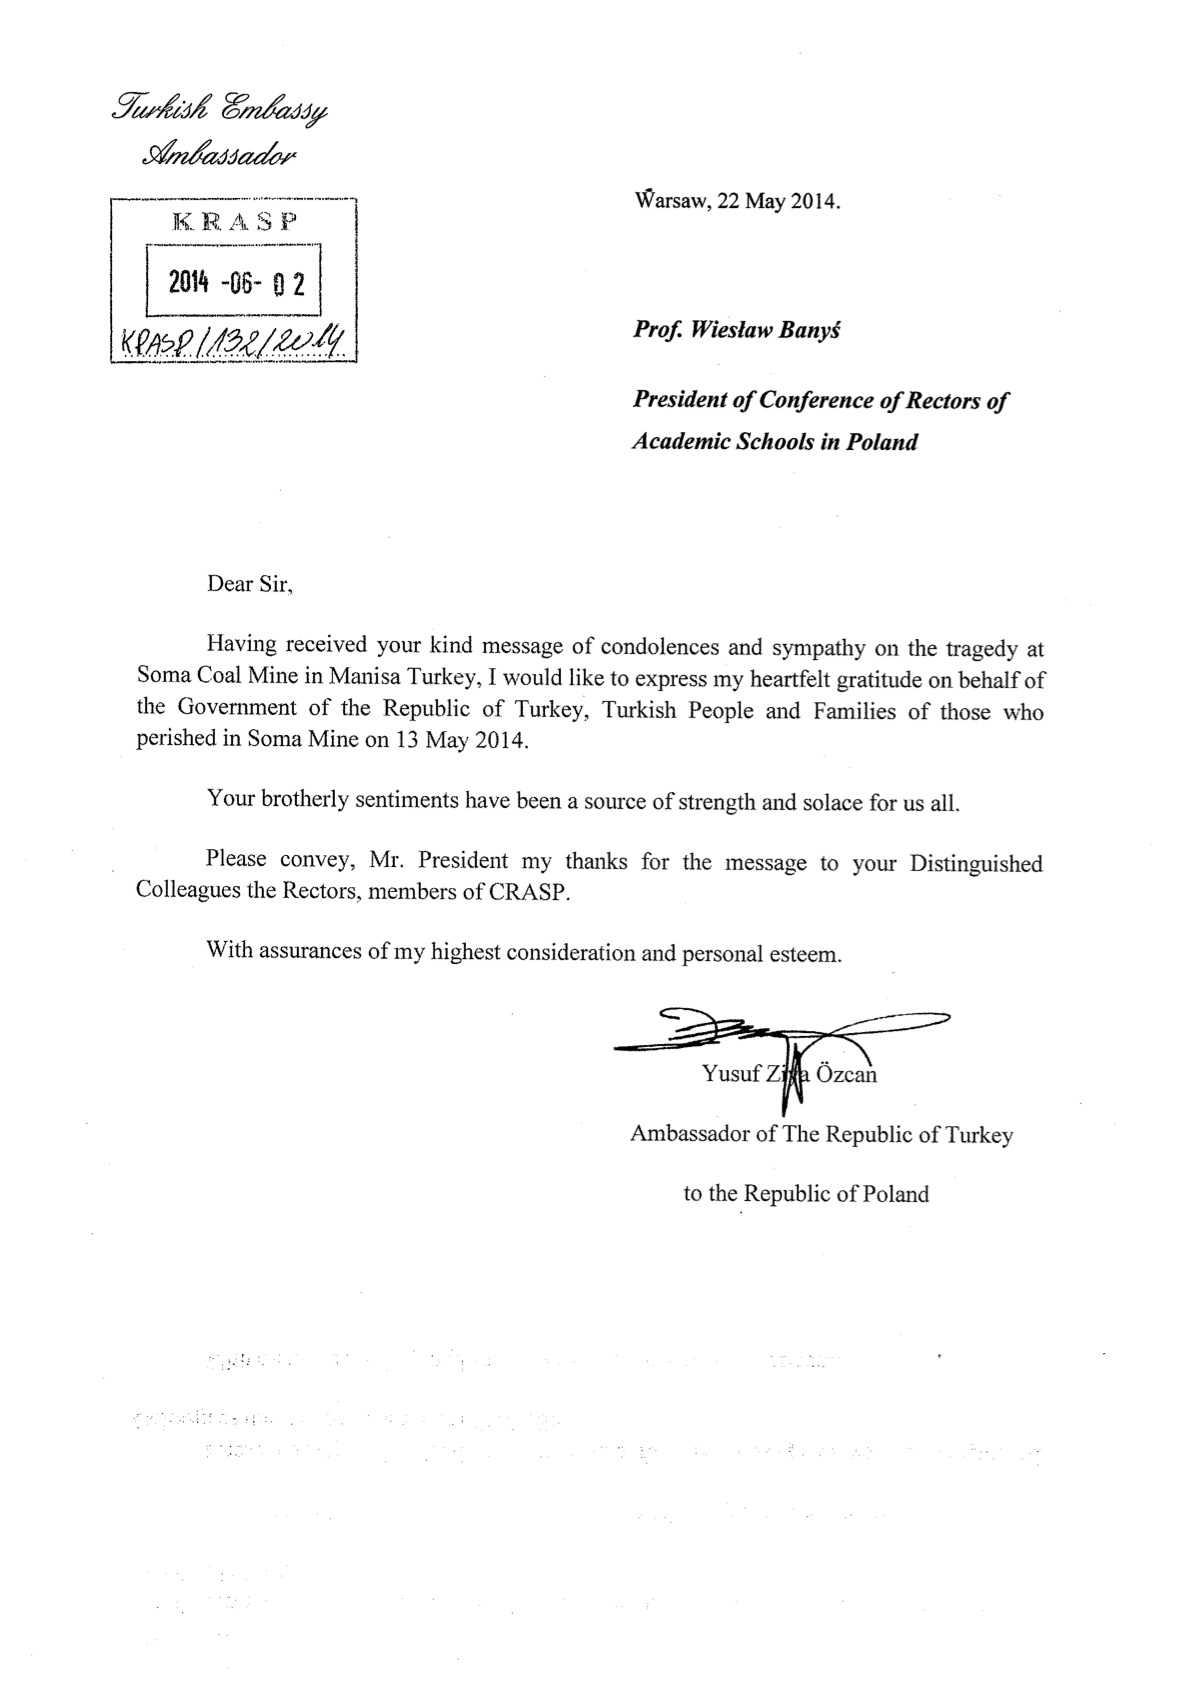 pismo od Ambasadora  Republiki Turcji w Polsce